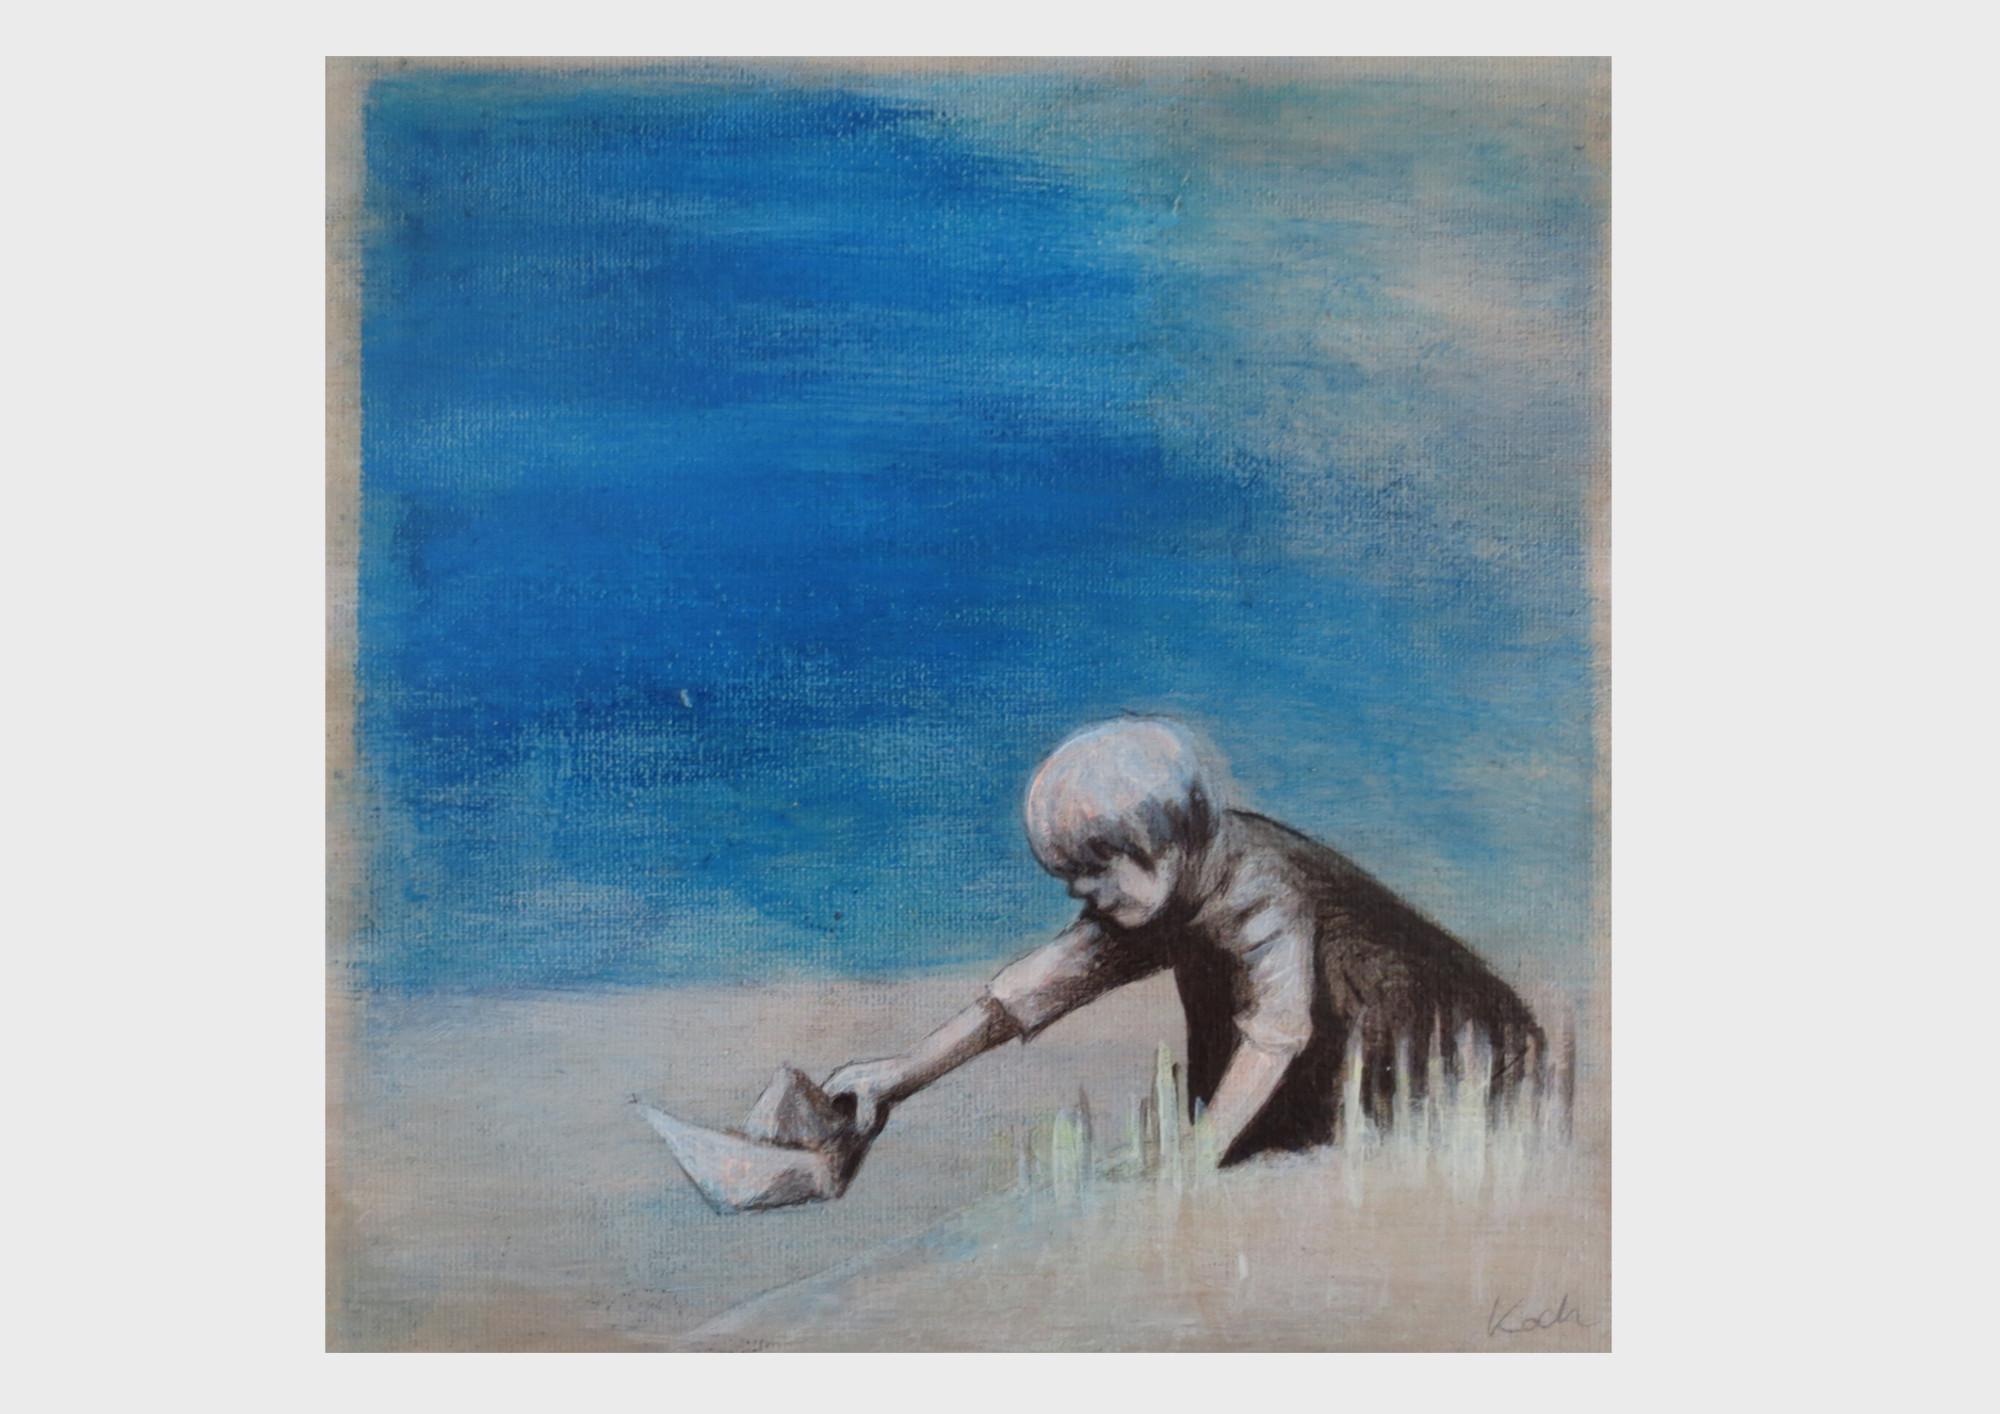 Maritimes Gemälde in Ultramarin Blau: Ein kleiner Junge schickt sein Papierschiff am Ufer auf die Reise über die See.